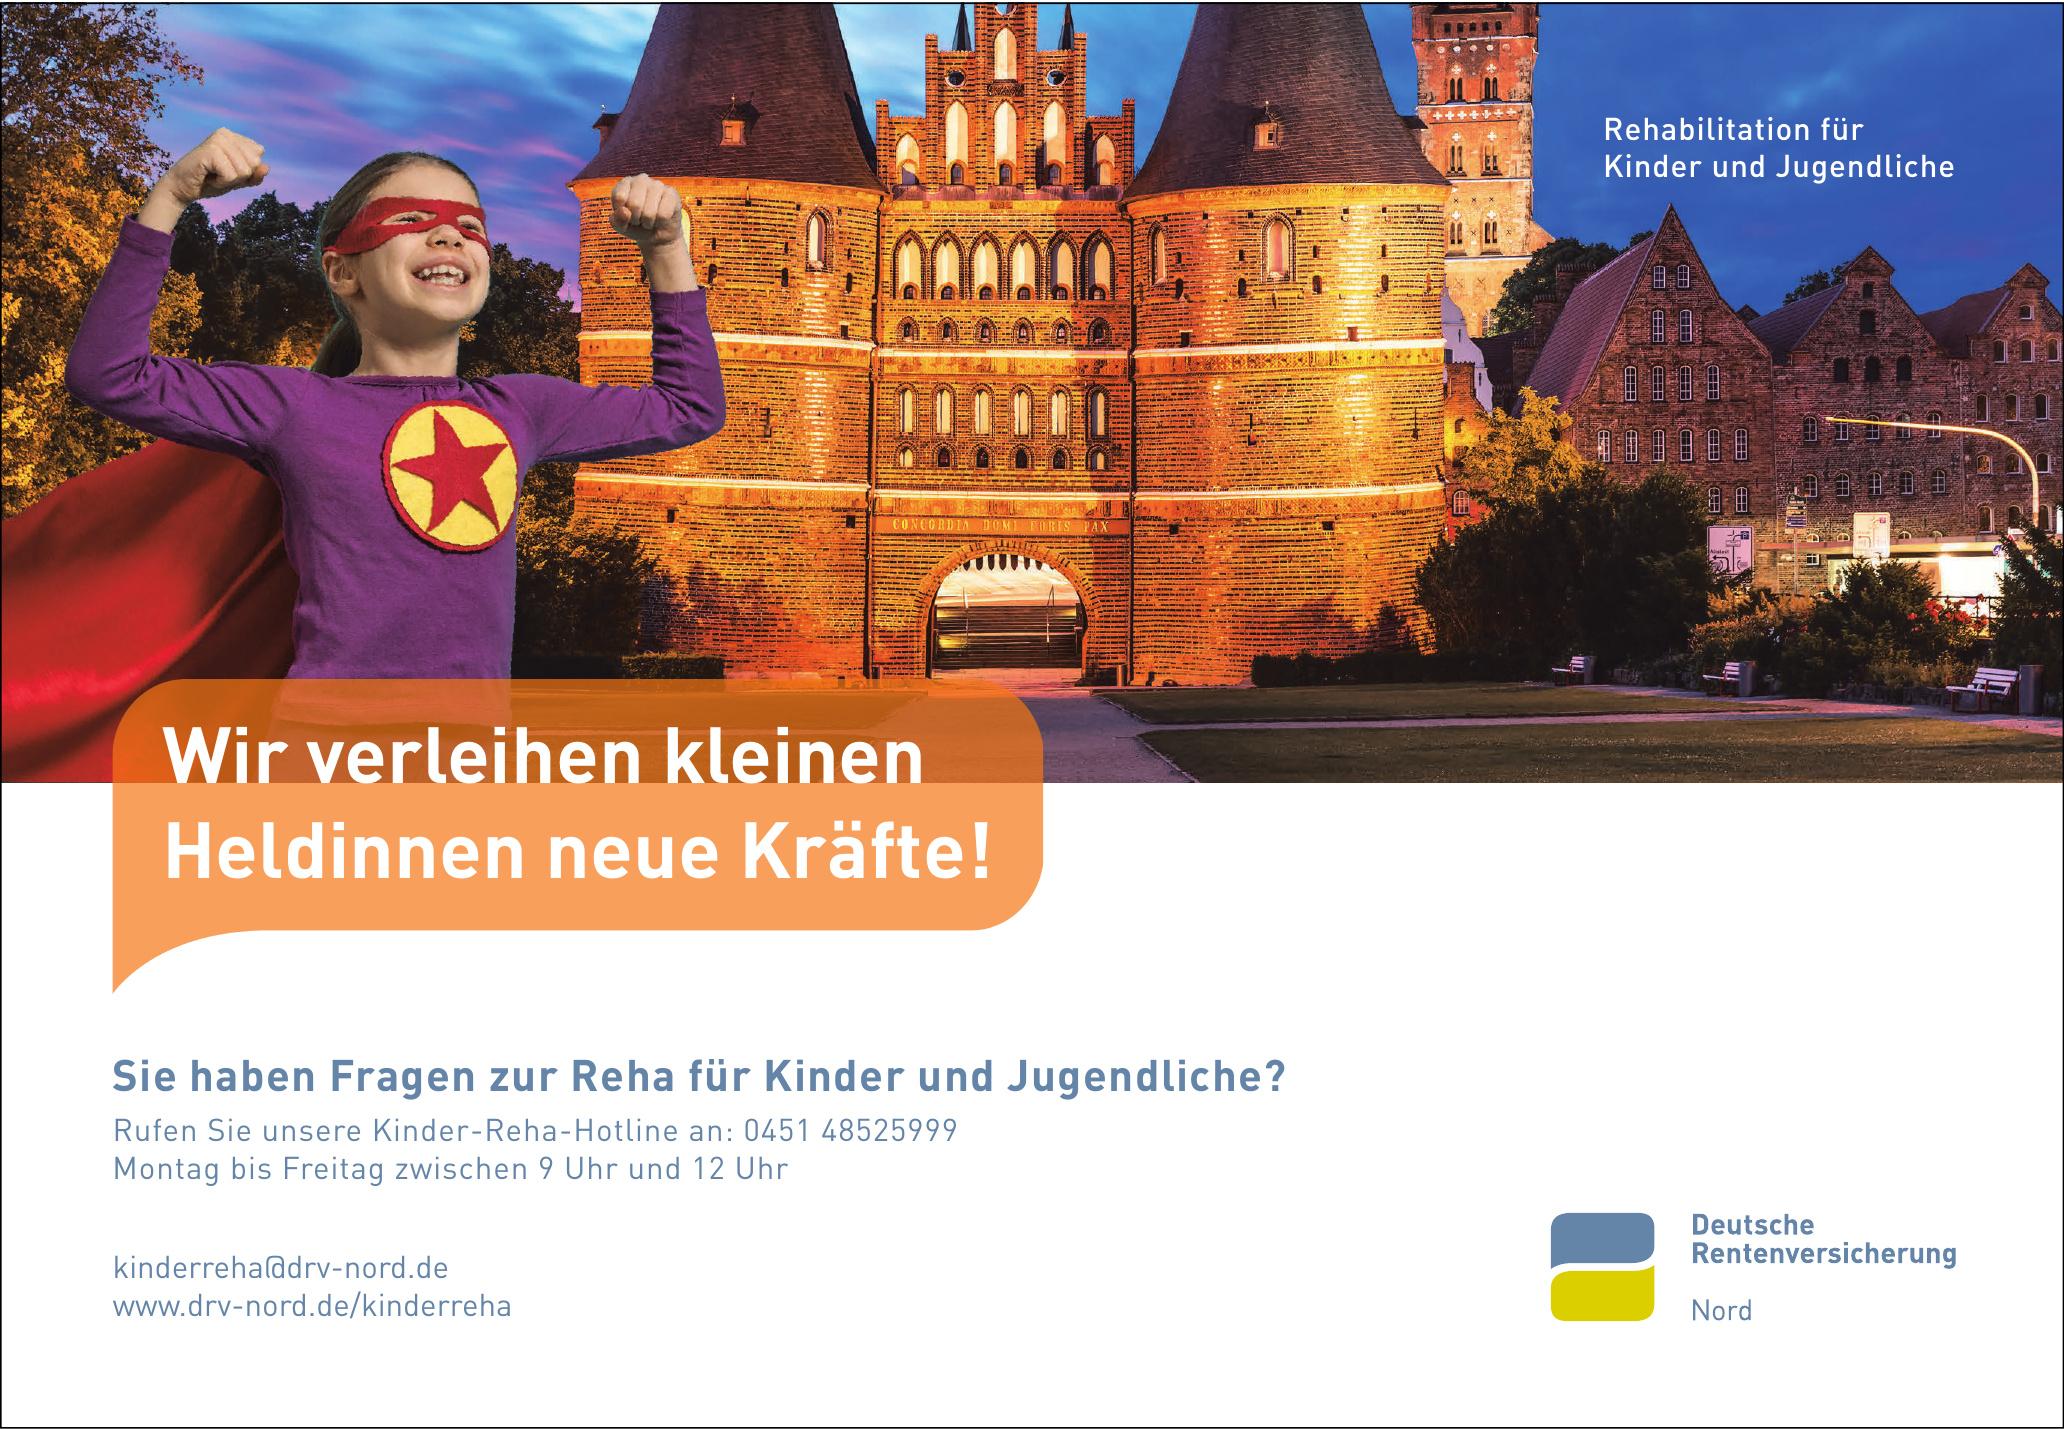 Deutsche Rentenversicherung Nord